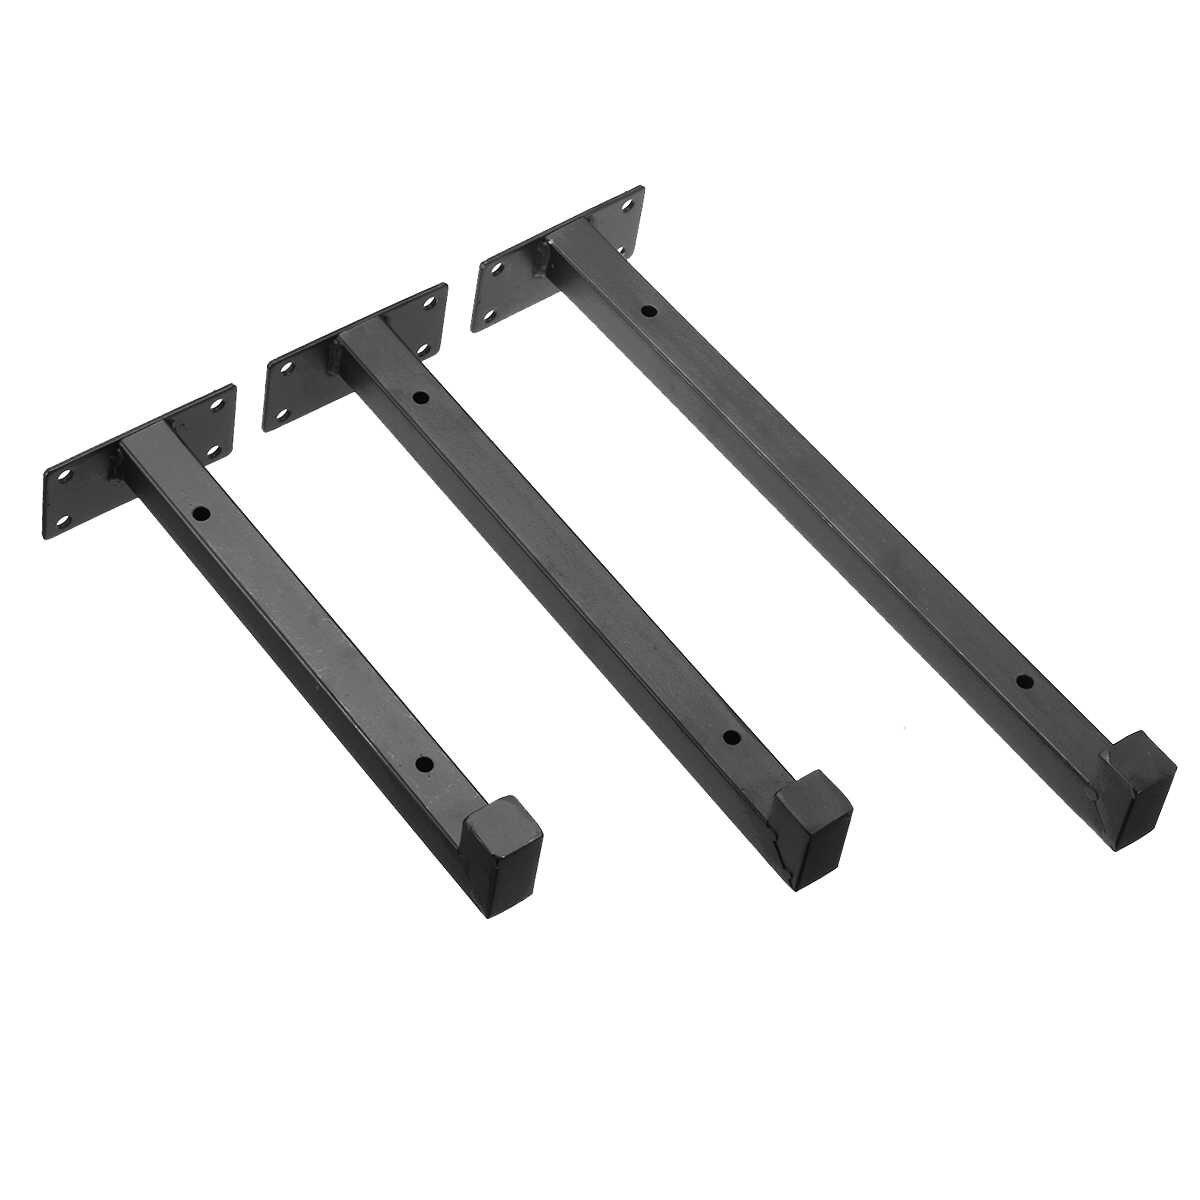 2 Pcs Wall Mounted Rak Bracket Industri Tugas Berat Besi Perancah Papan Apung Bracket untuk Furniture 20 Cm/25 CM/30 Cm